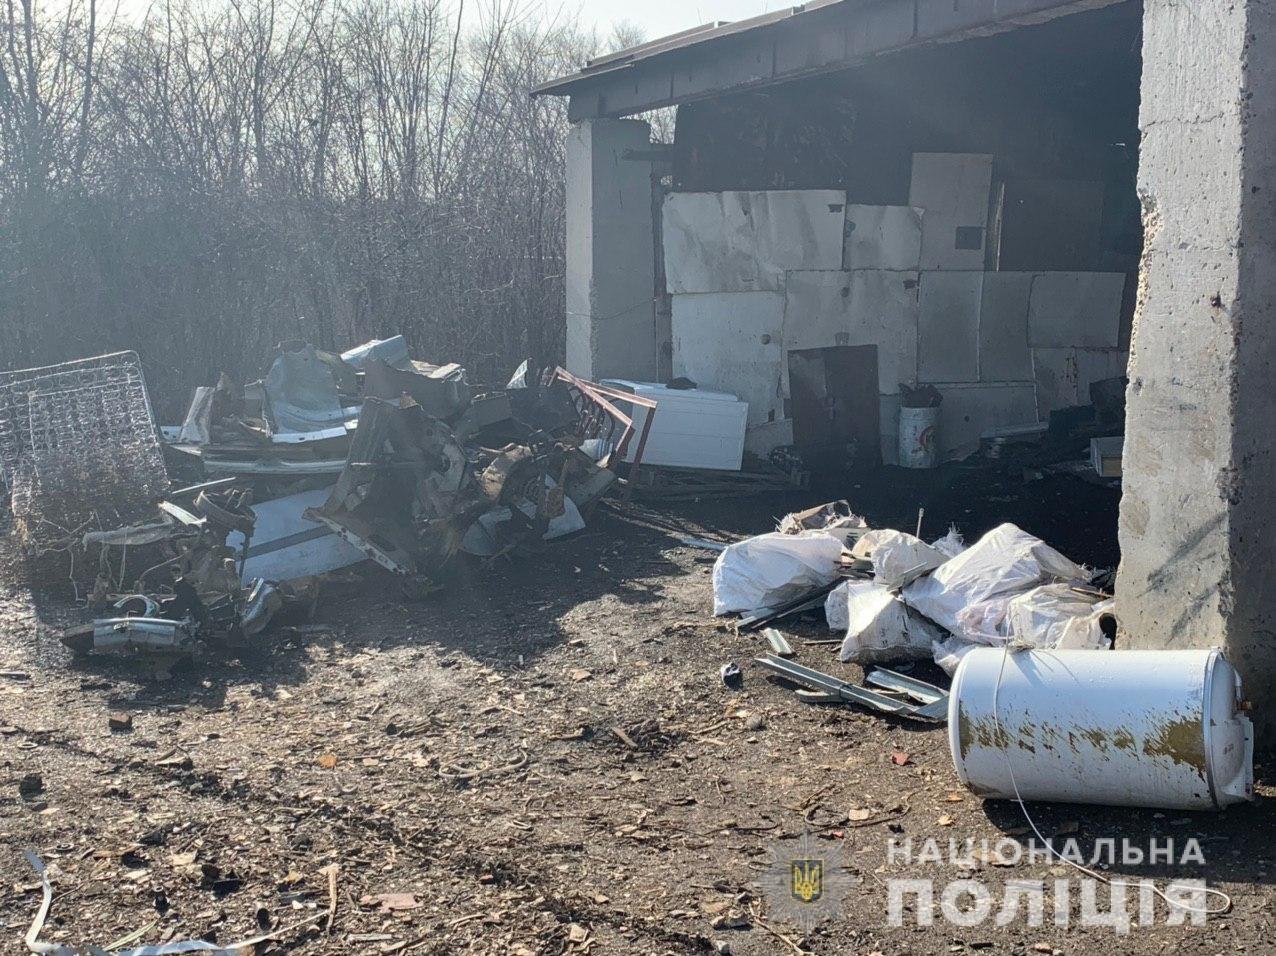 На Днепропетровщине правоохранители изъяли более 4 тонн металла в незаконных пунктах приема металлолома , - ФОТО, ВИДЕО, фото-1